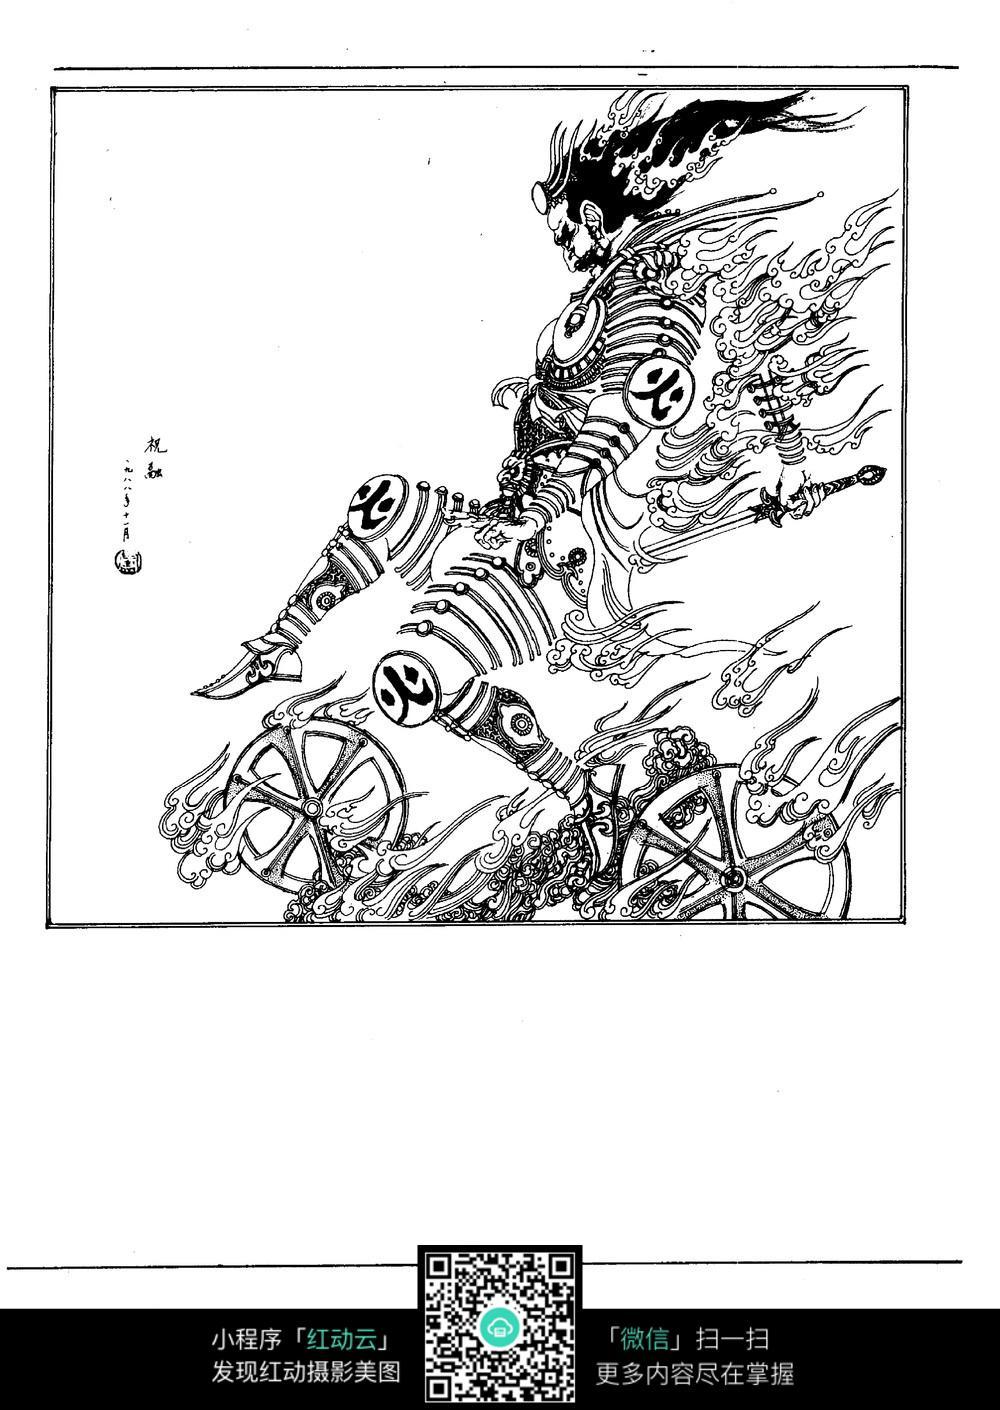 祝融线描神仙人物图